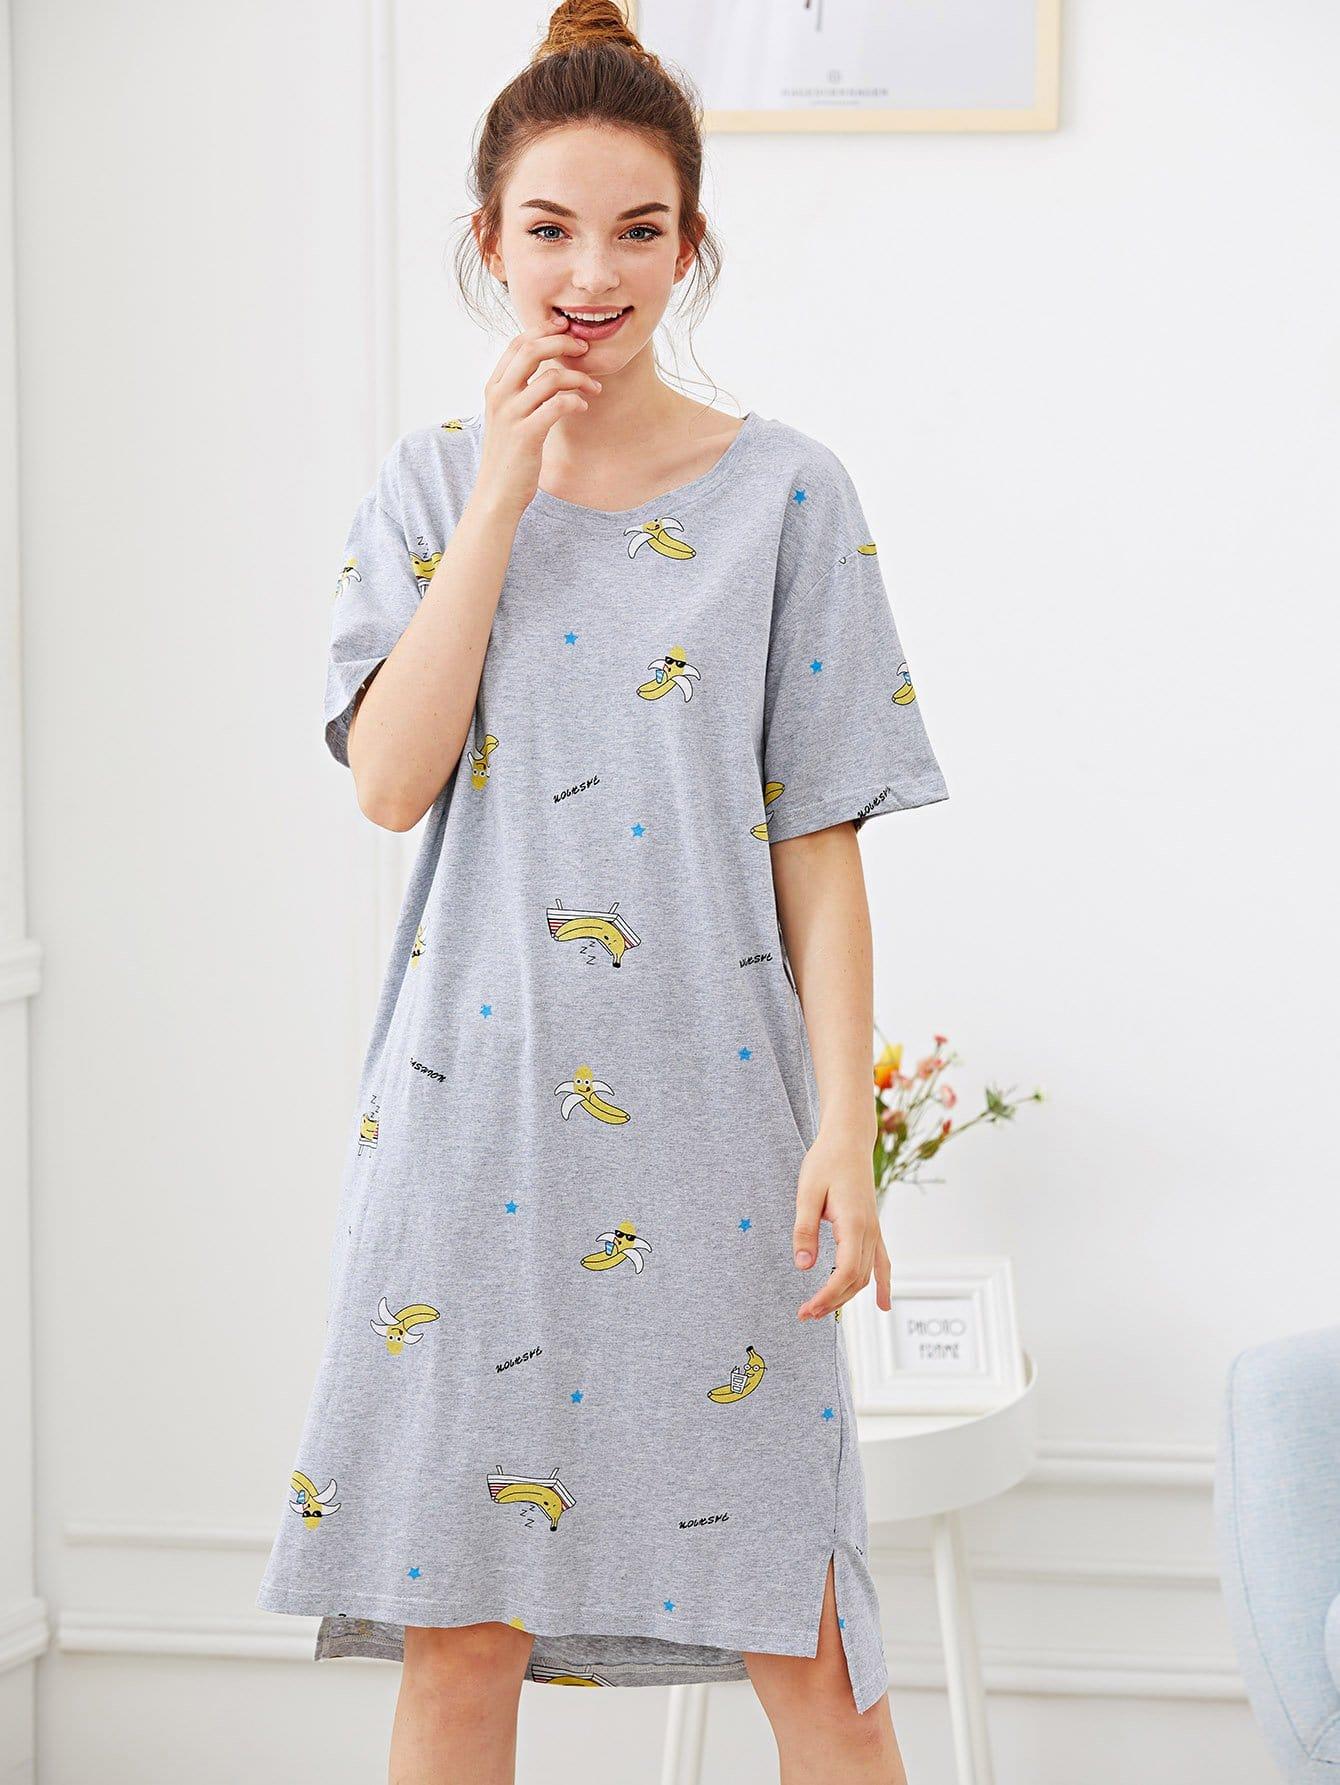 Banana & Letter Print Night Dress